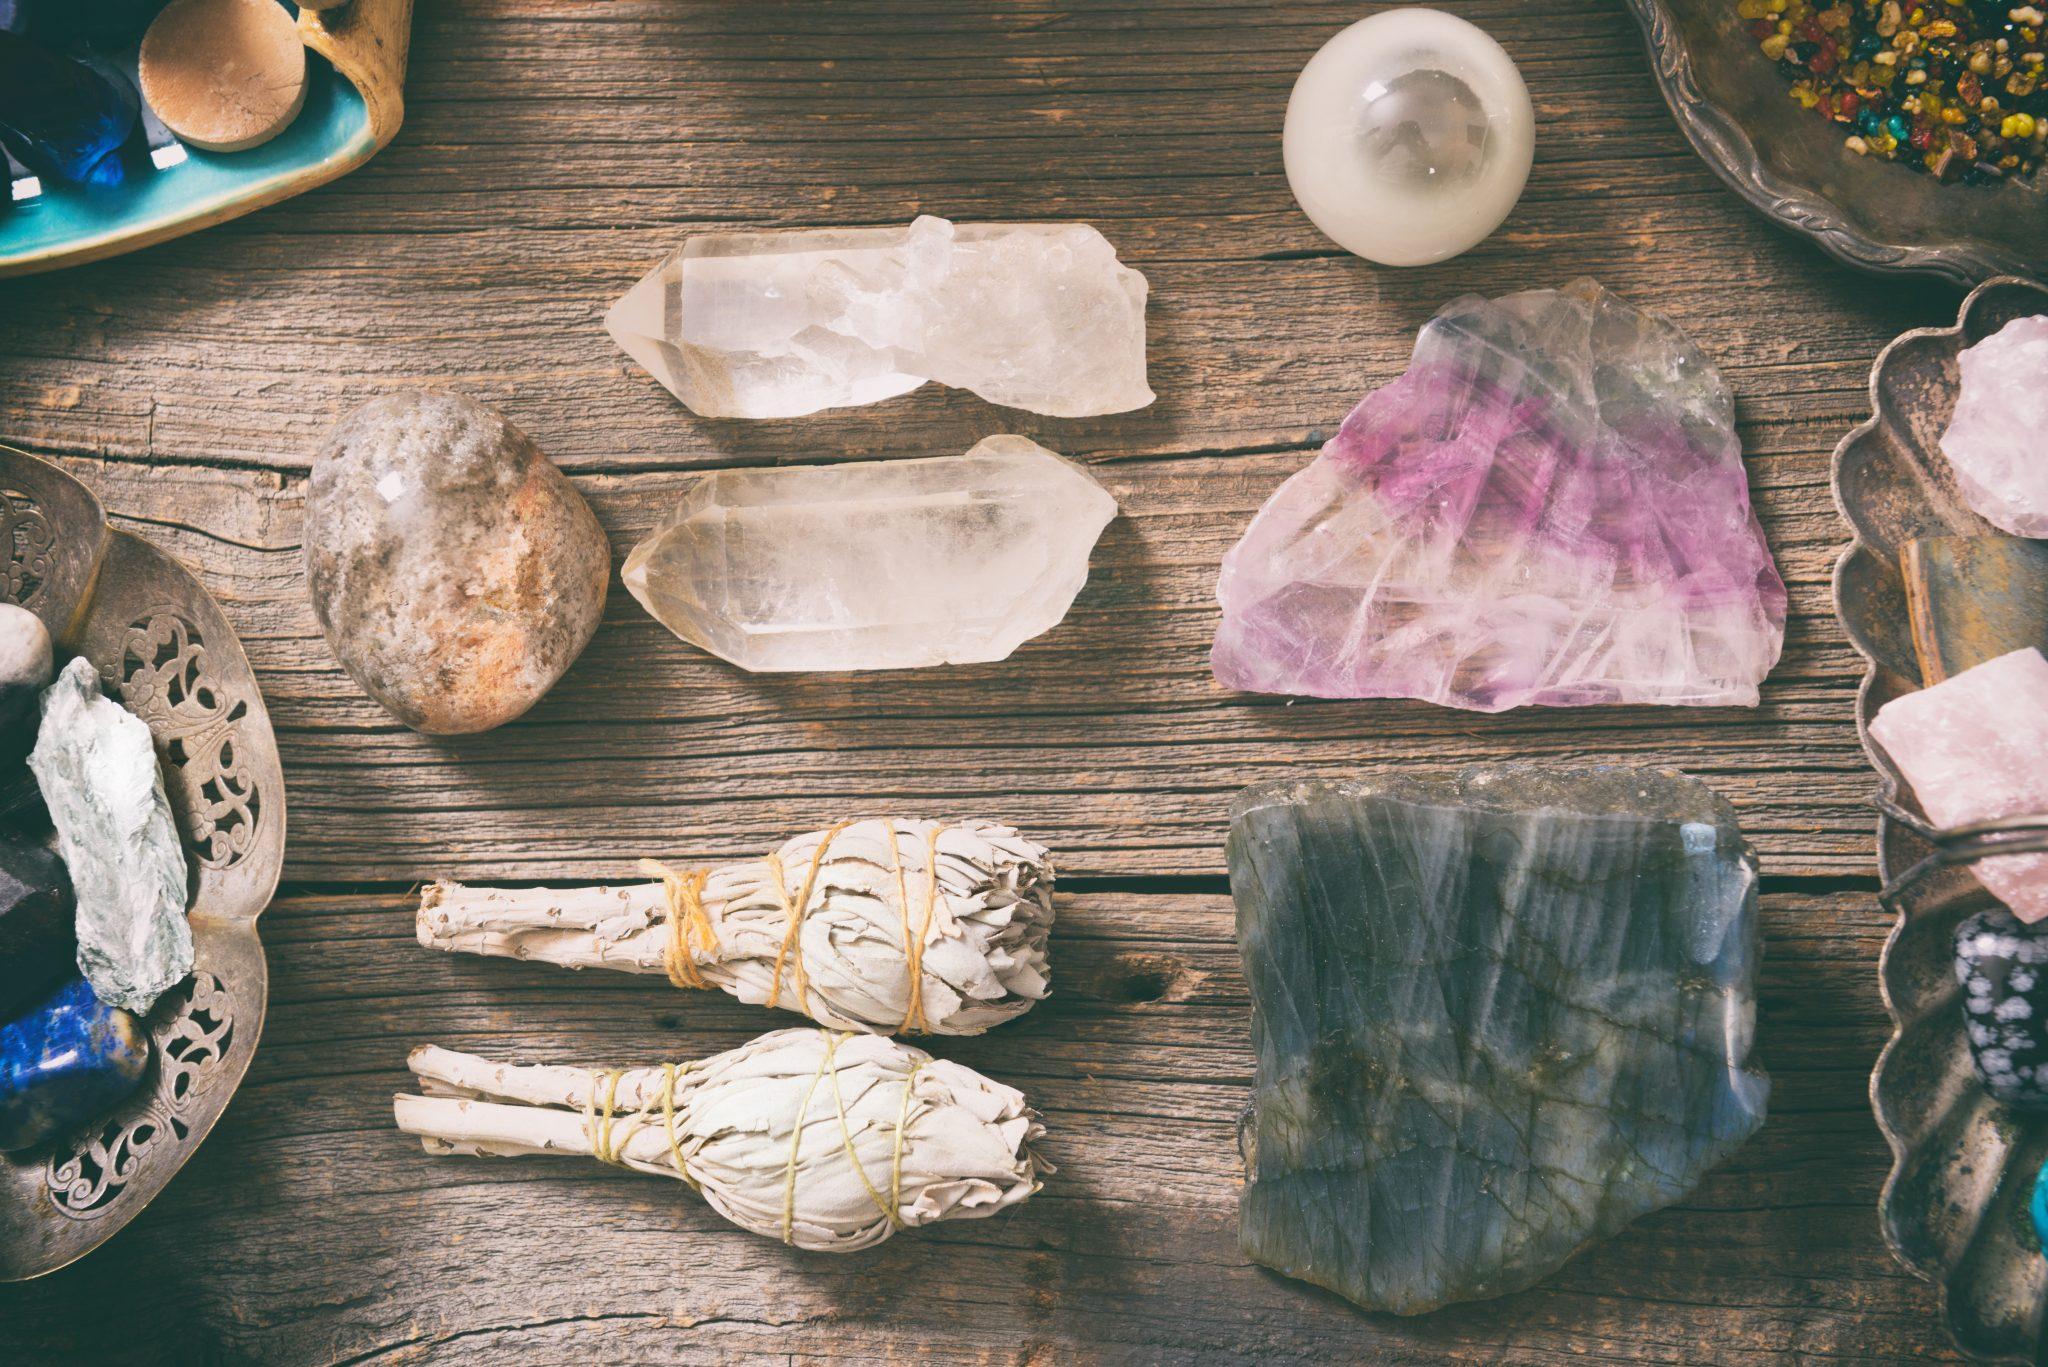 Особенности и виды горного хрусталя, каким знакам зодиака подходит камень, магические и лечебные свойства